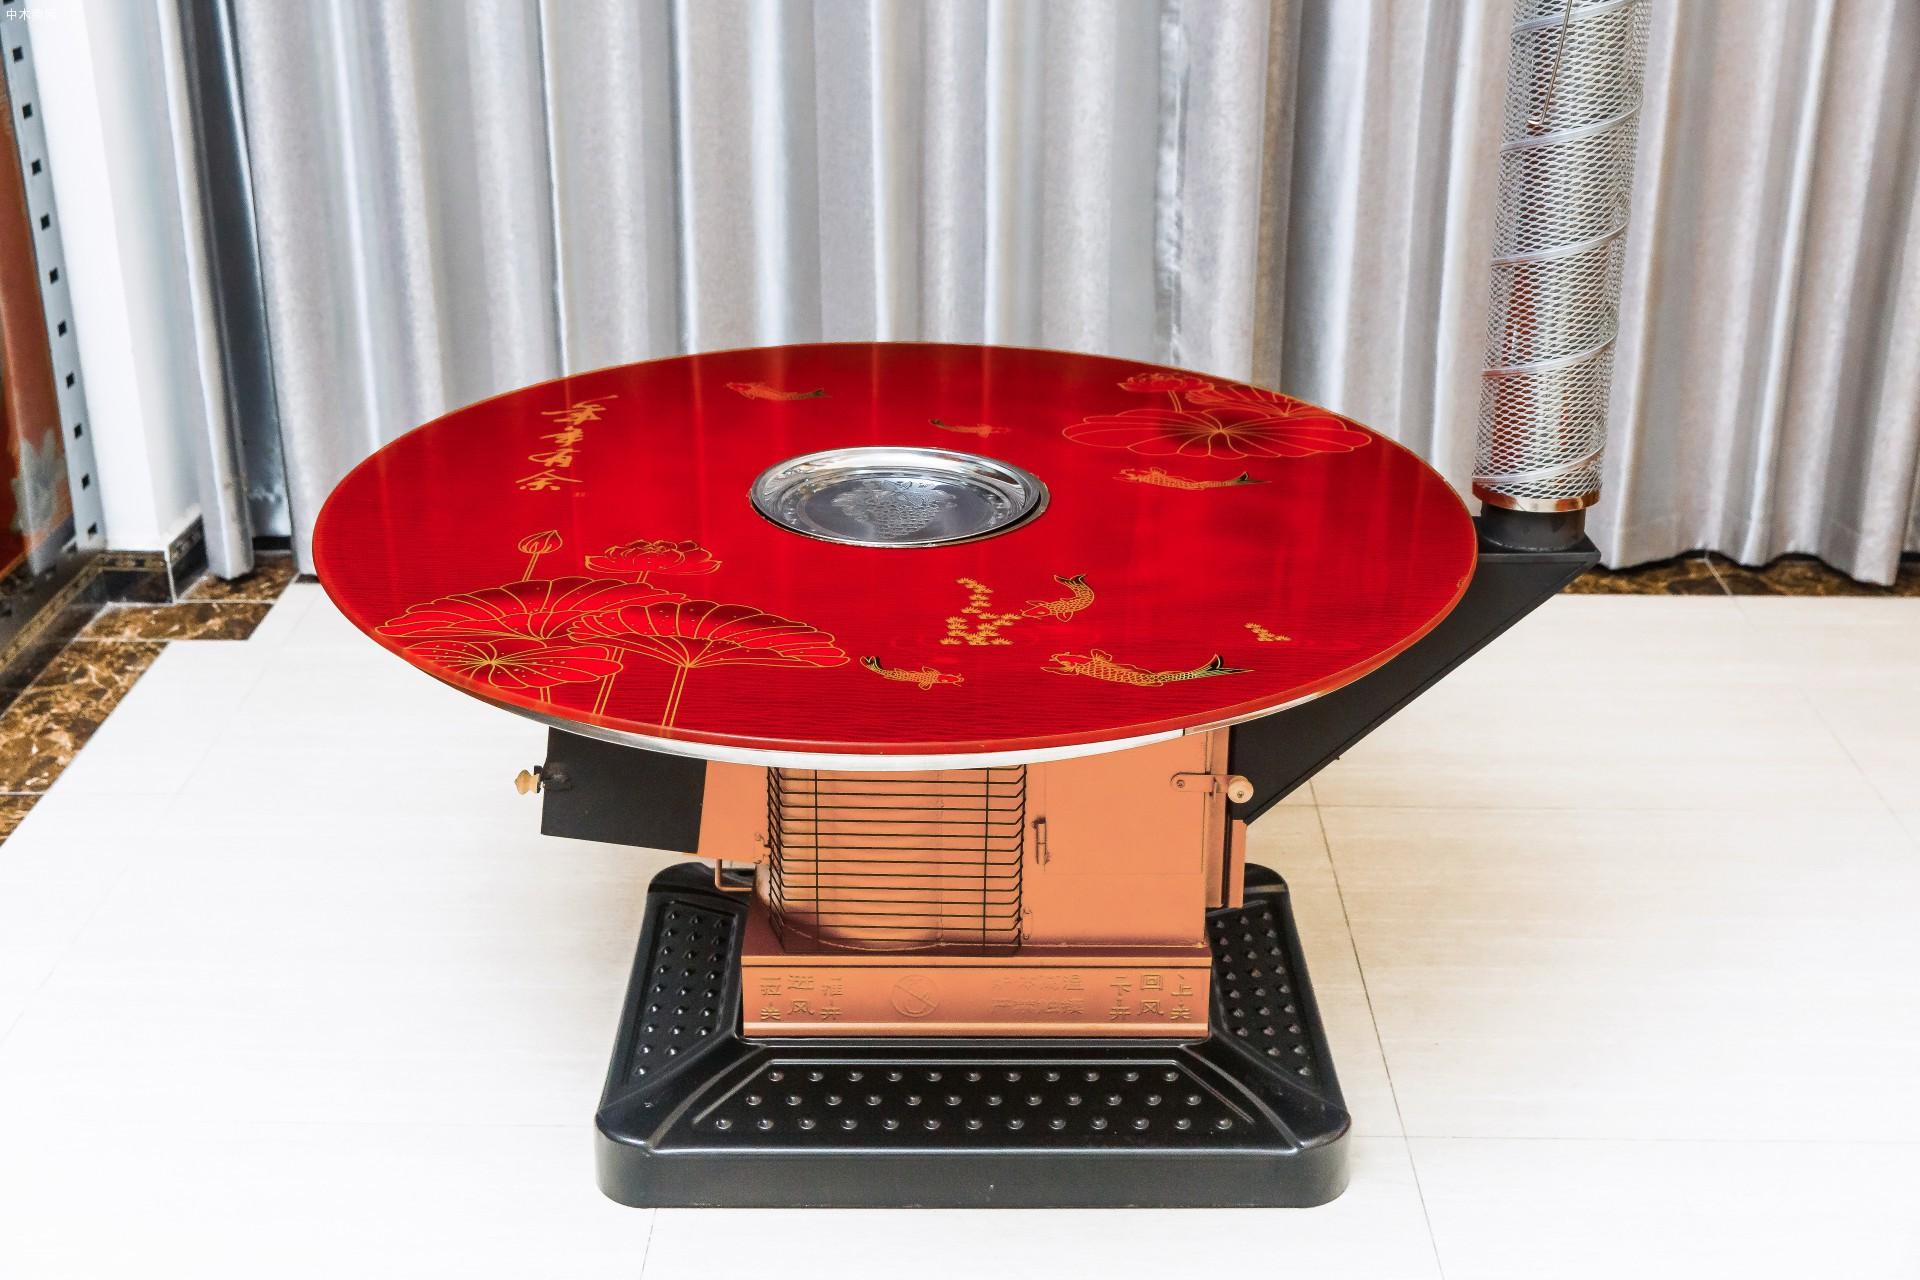 湖北宜昌冬季家用室内烤火炉_采暖炉_取暖炉回风炉厂家批发直销价格